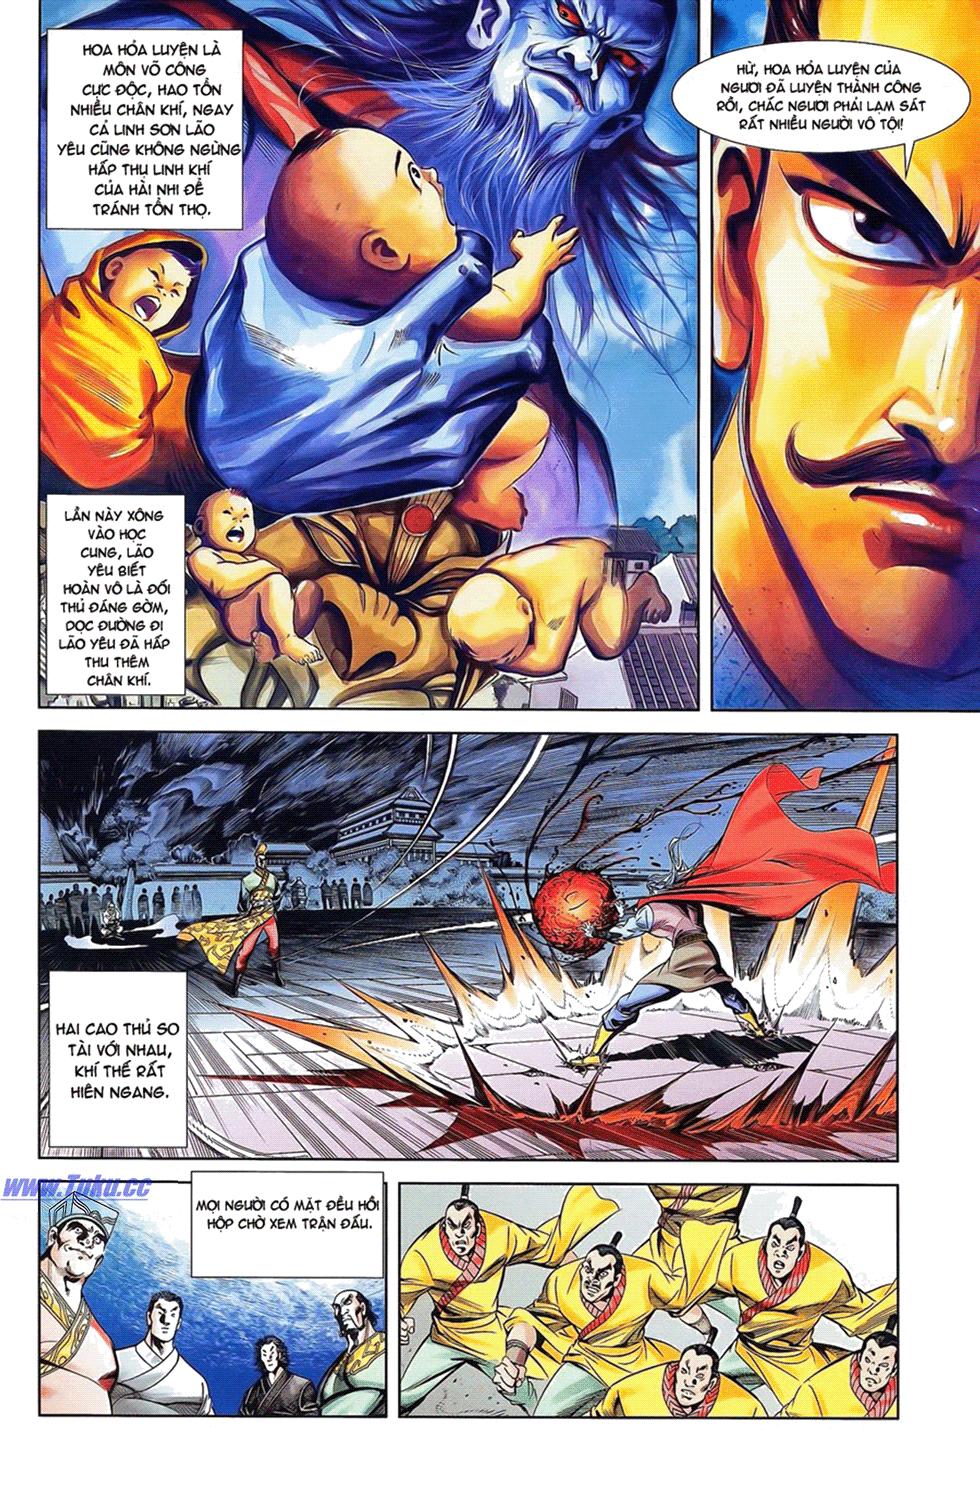 Tần Vương Doanh Chính chapter 17 trang 17